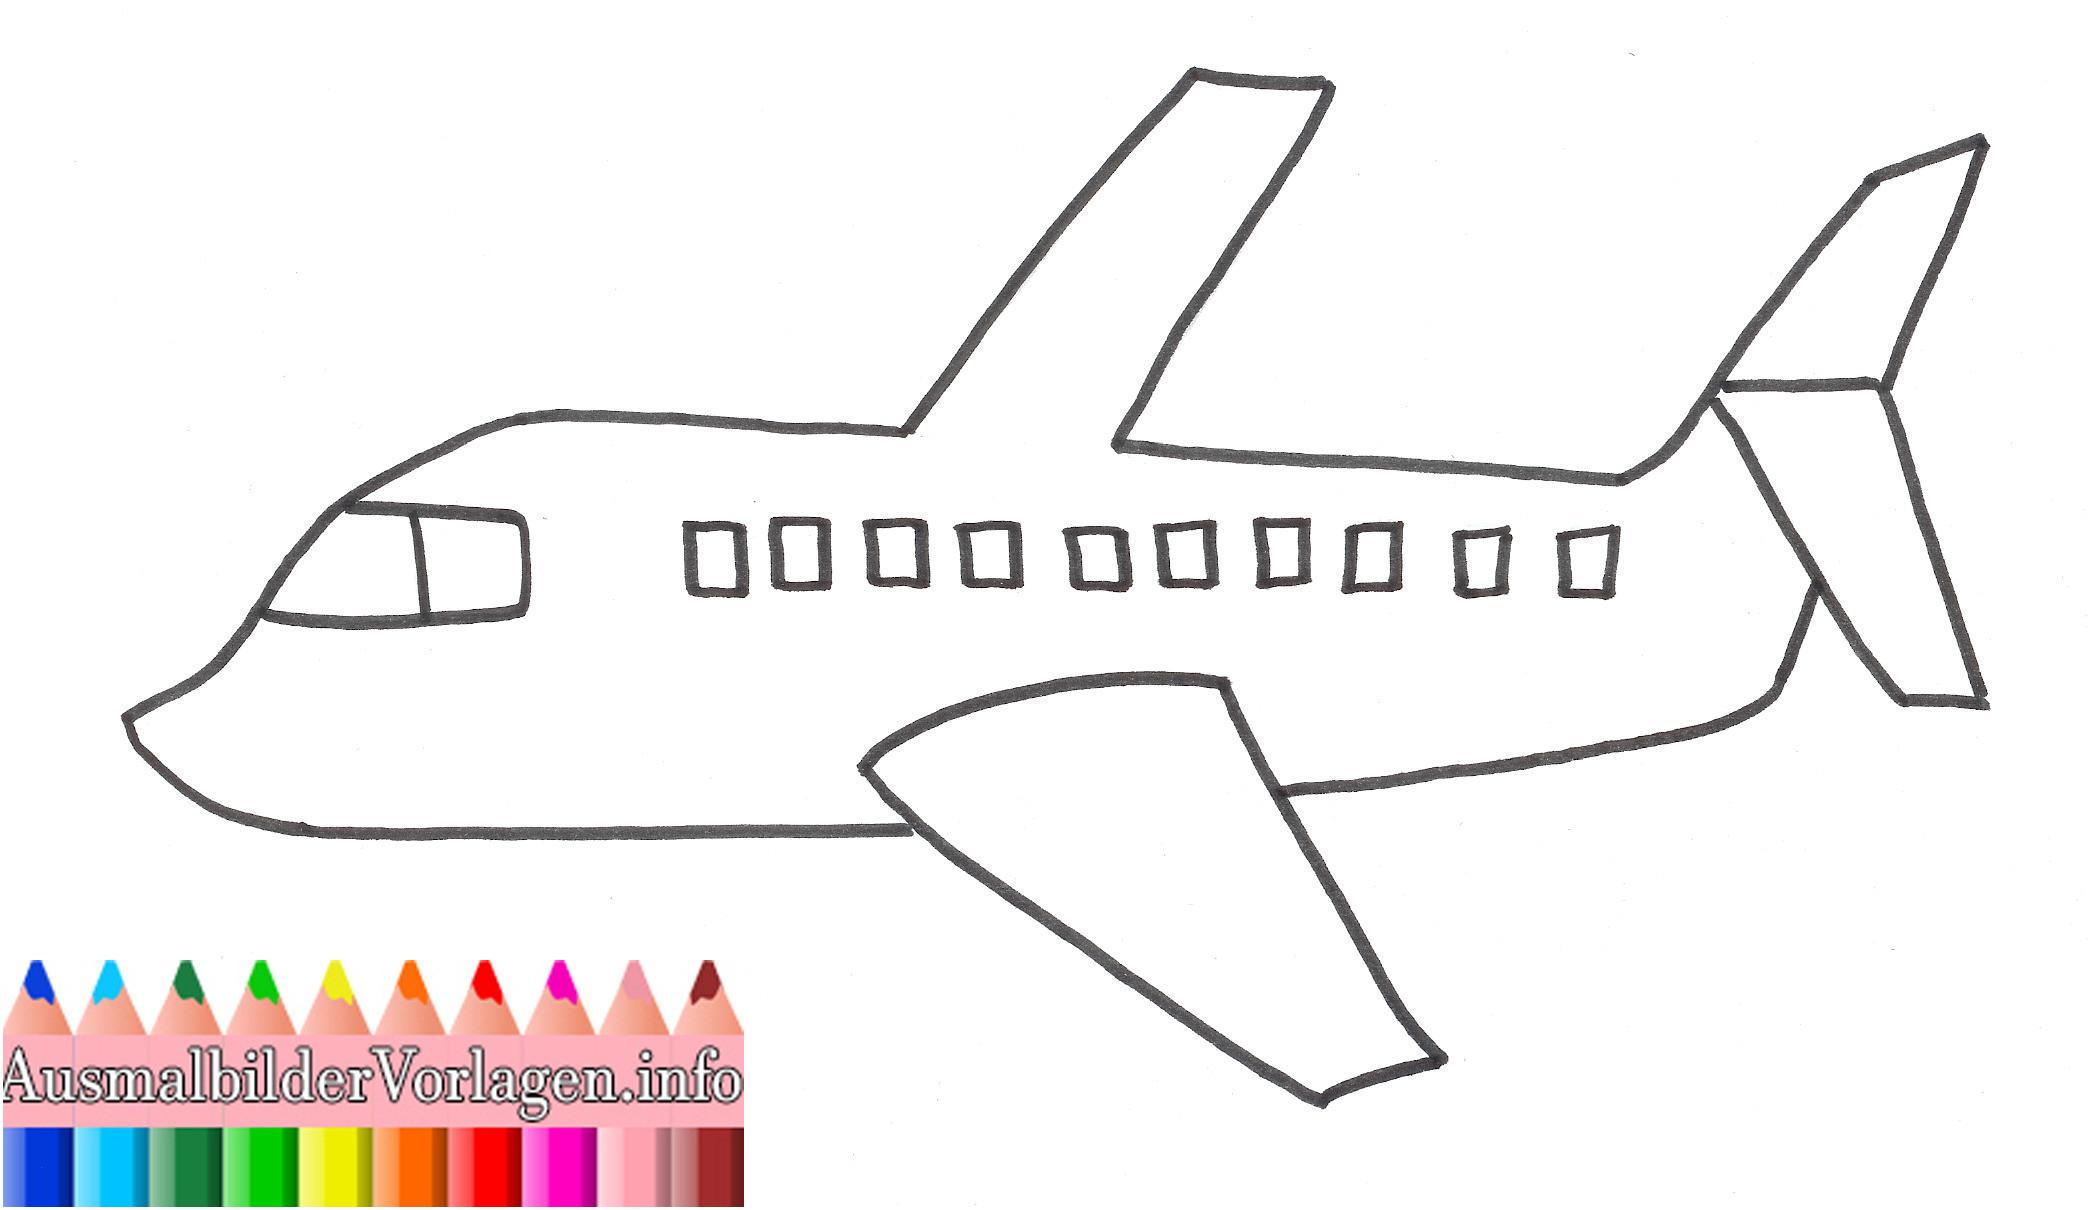 Flugzeuge Zum Ausmalen Das Beste Von 41 Einzigartig Ausmalbild Flugzeug – Große Coloring Page Sammlung Stock